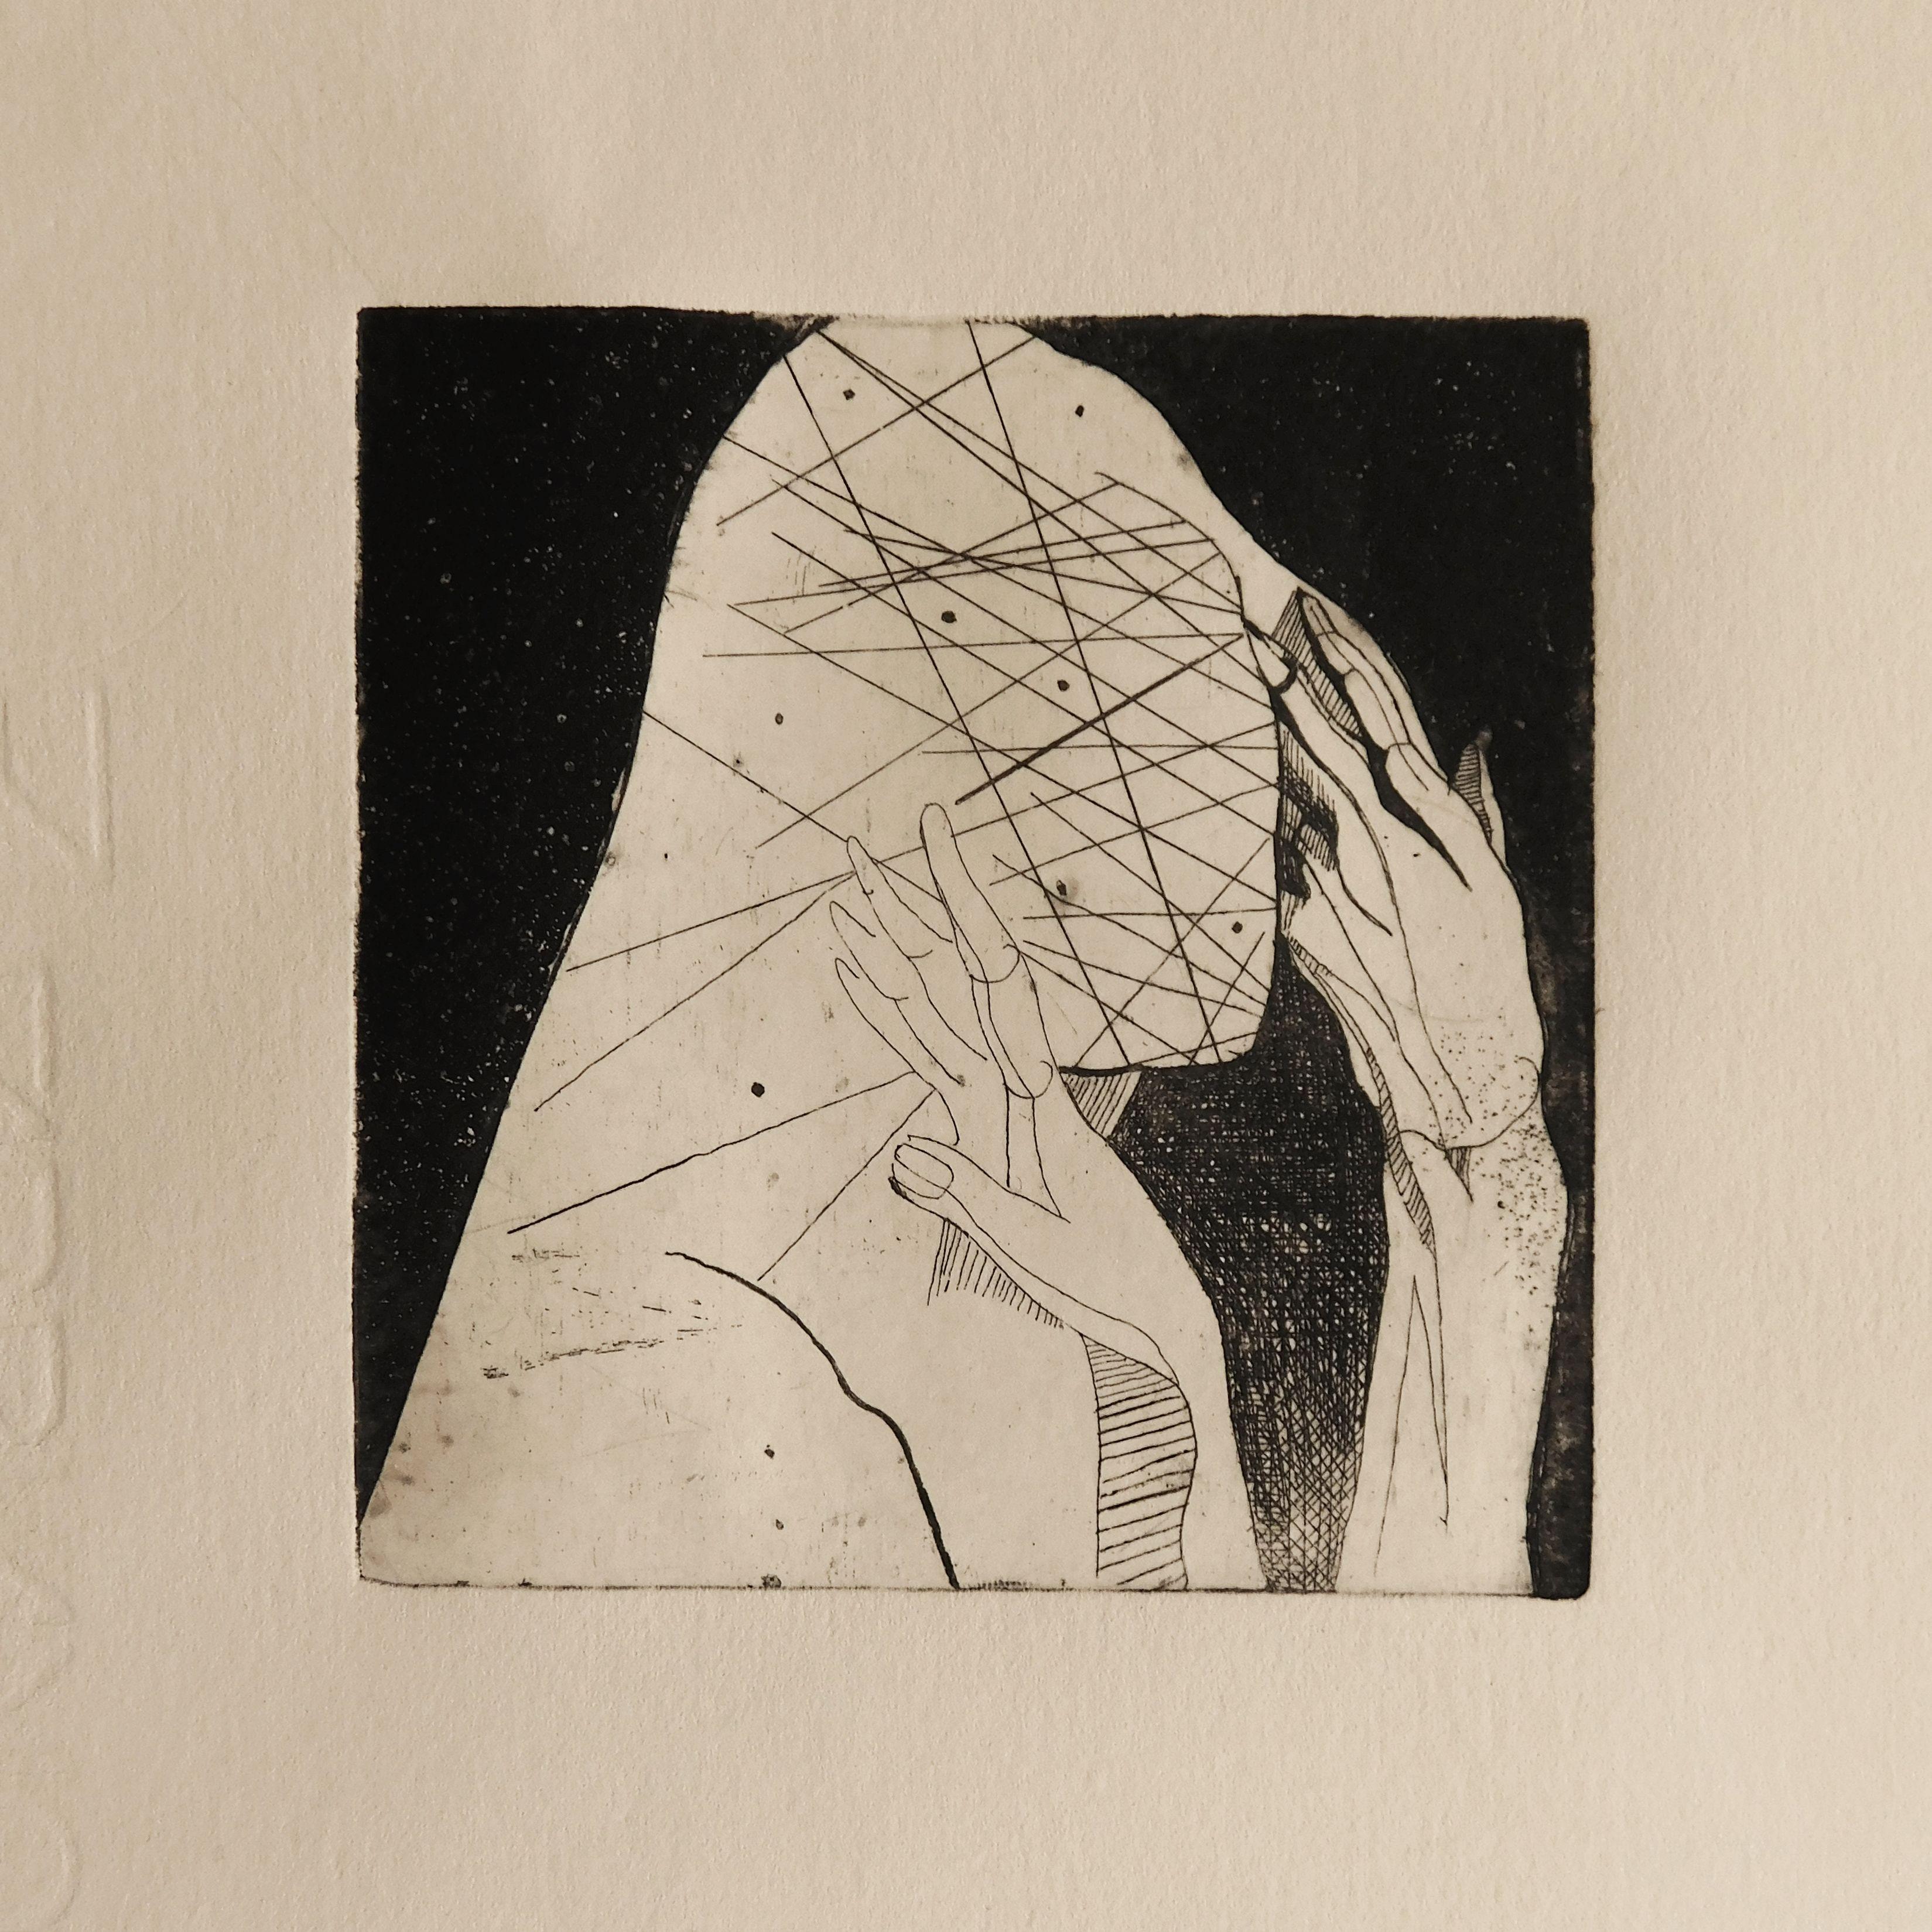 Орест Зьомко. Без назви (серія «Міста і люди»), 2020; папір, офорт, акватинта, 10х9